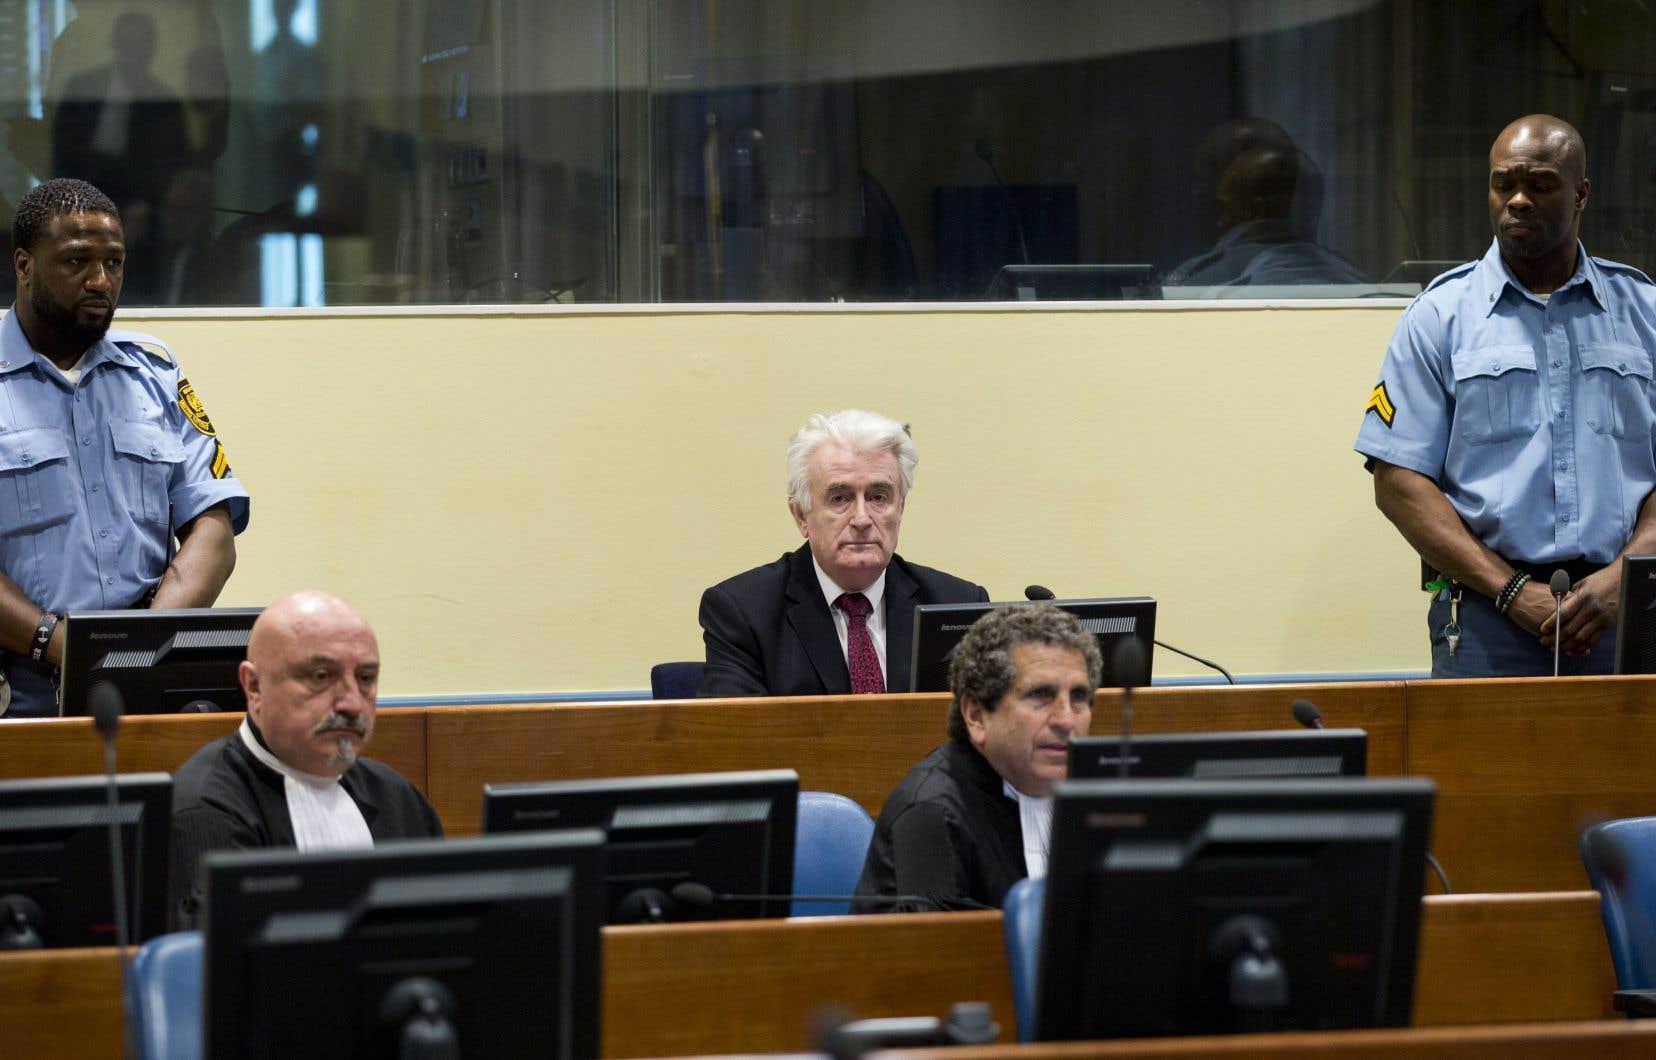 L'accusé, l'ex-chef politique des Serbes de Bosnie,Radovan Karadzic,a écouté, impassible, le verdict qui le condamne pourses crimes pendant la guerre de Bosnie (1992-1995).